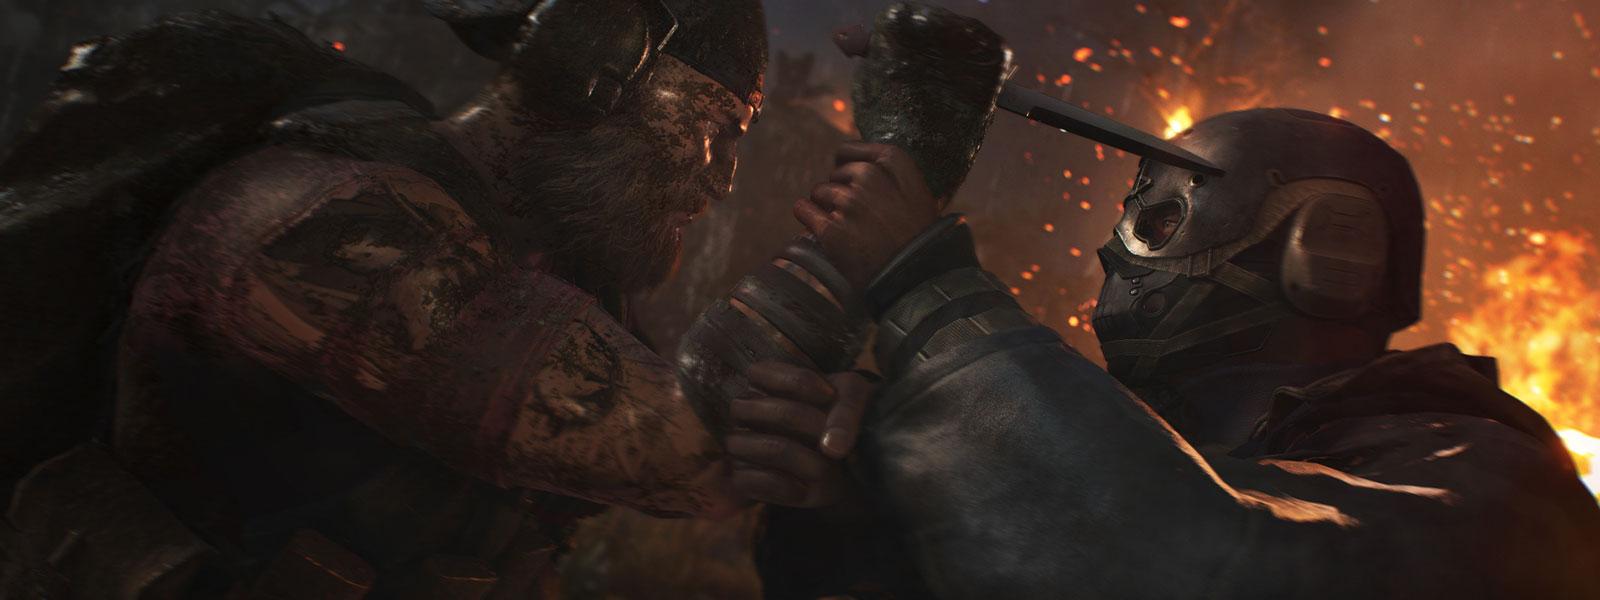 Charakter versucht, eine maskierte Person mit einem Messer anzugreifen